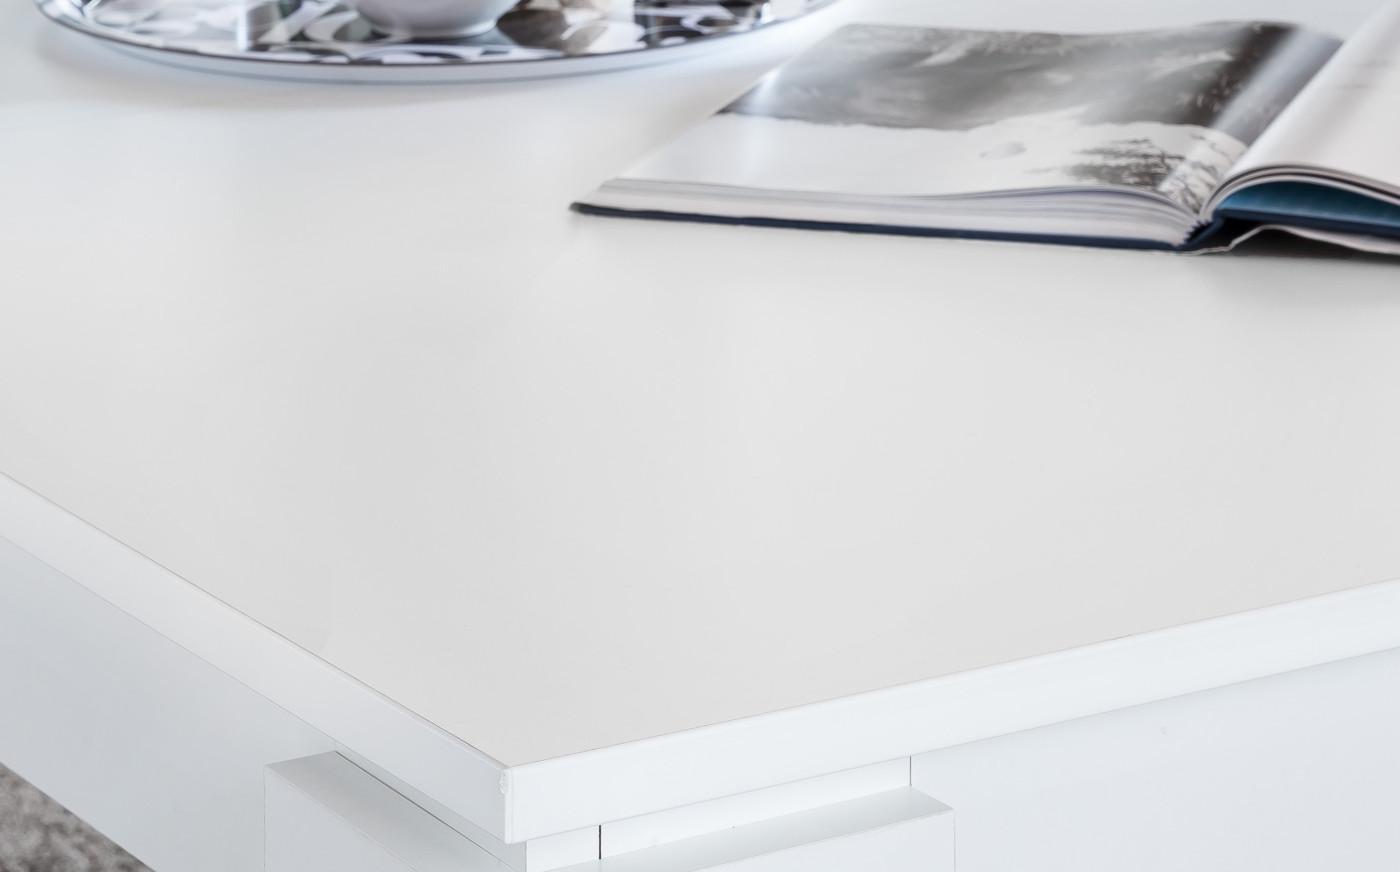 Couchtisch wei mit ablage holztisch 120 cm for Wohnzimmertisch 65 cm hoch